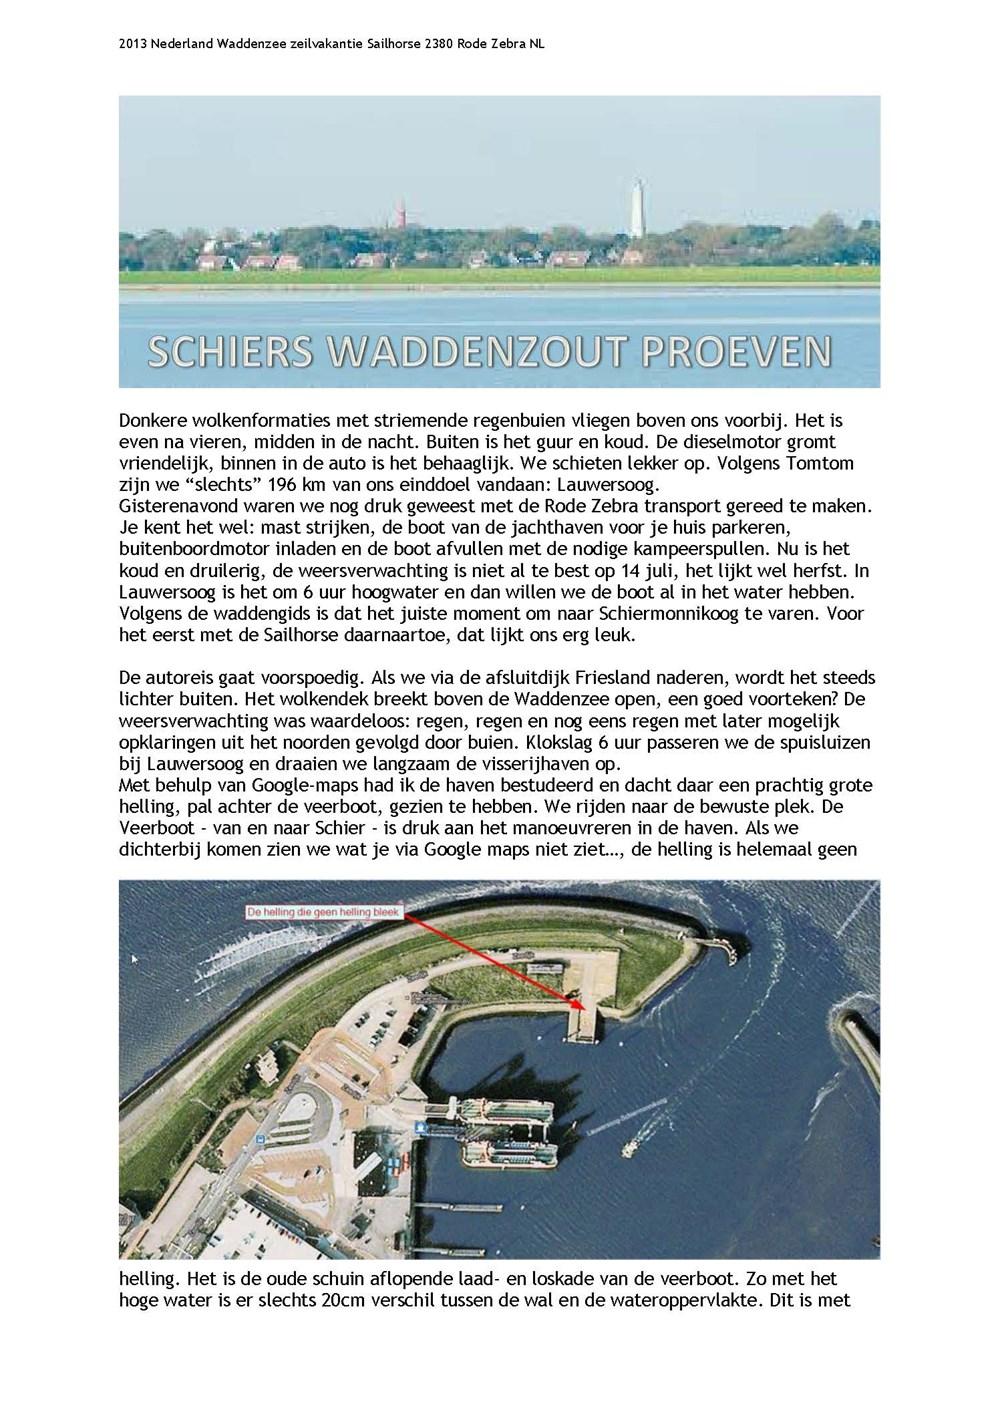 2013_Nederland_Waddenzee_zeilvakantie_Sailhorse_2380_Rode_Zebra_NL_Page_1.jpg